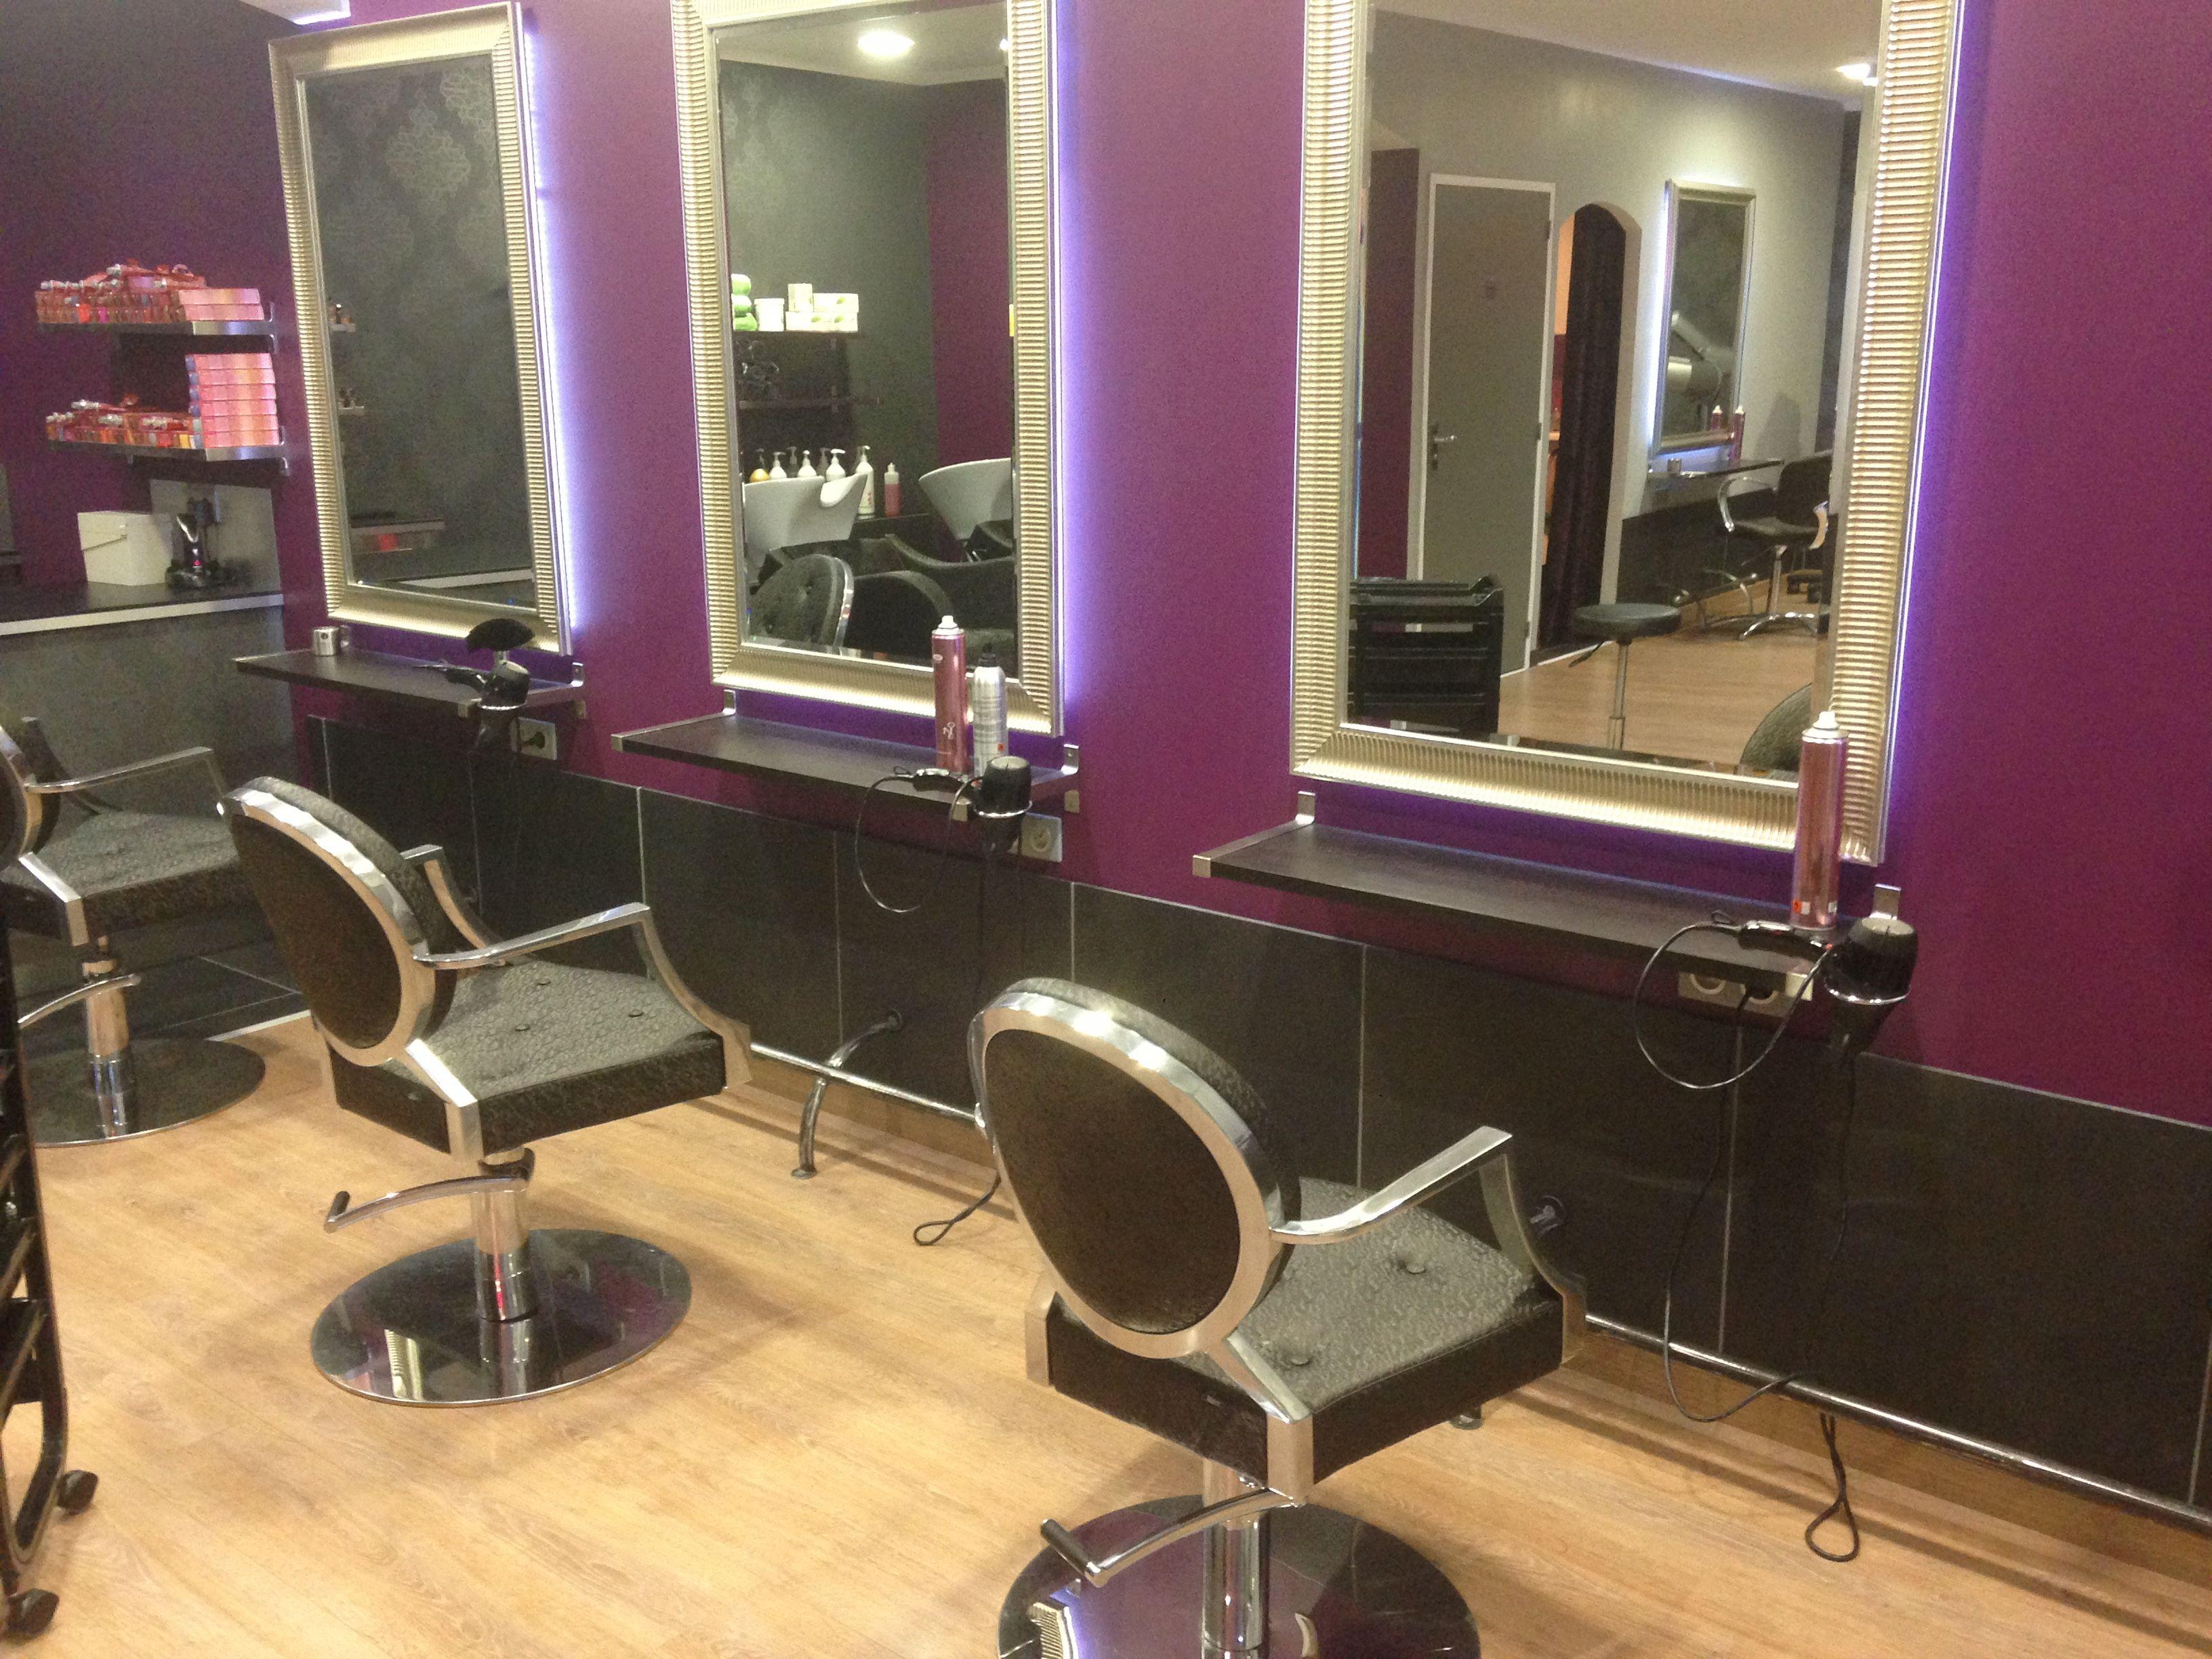 Elegant Mobilier Salon De Coiffure Professionnel